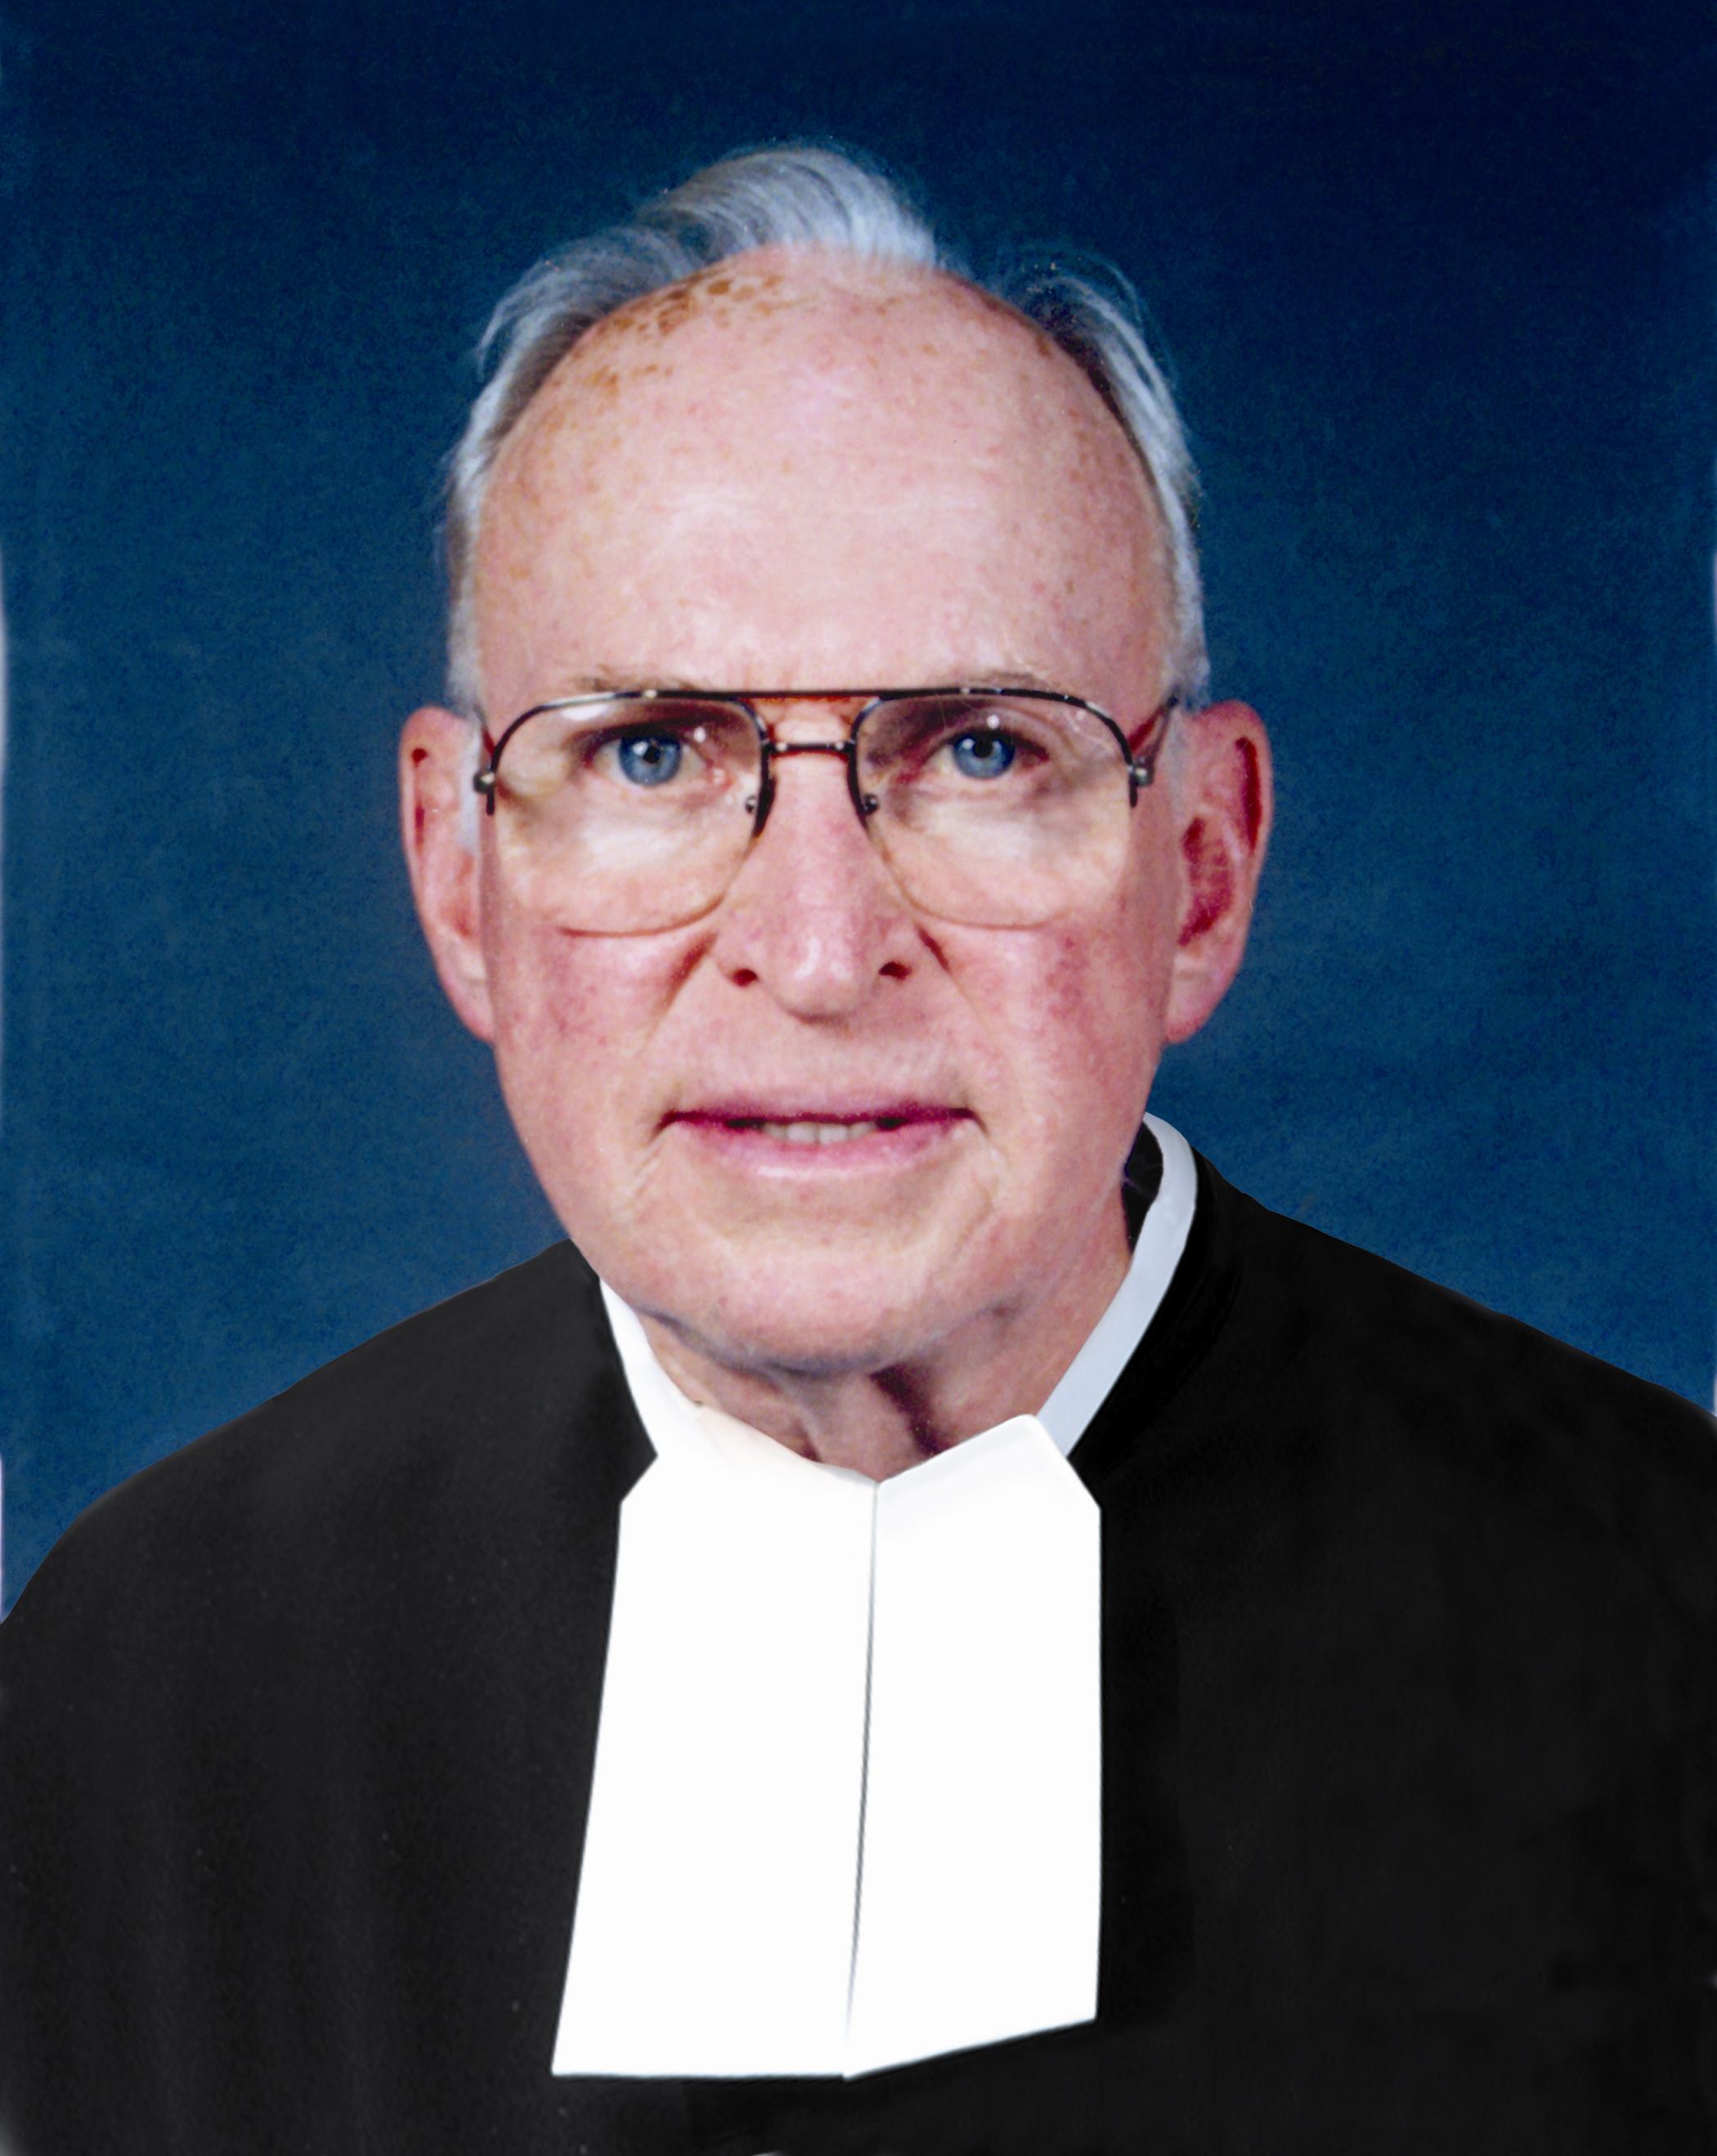 Br. James Leahy